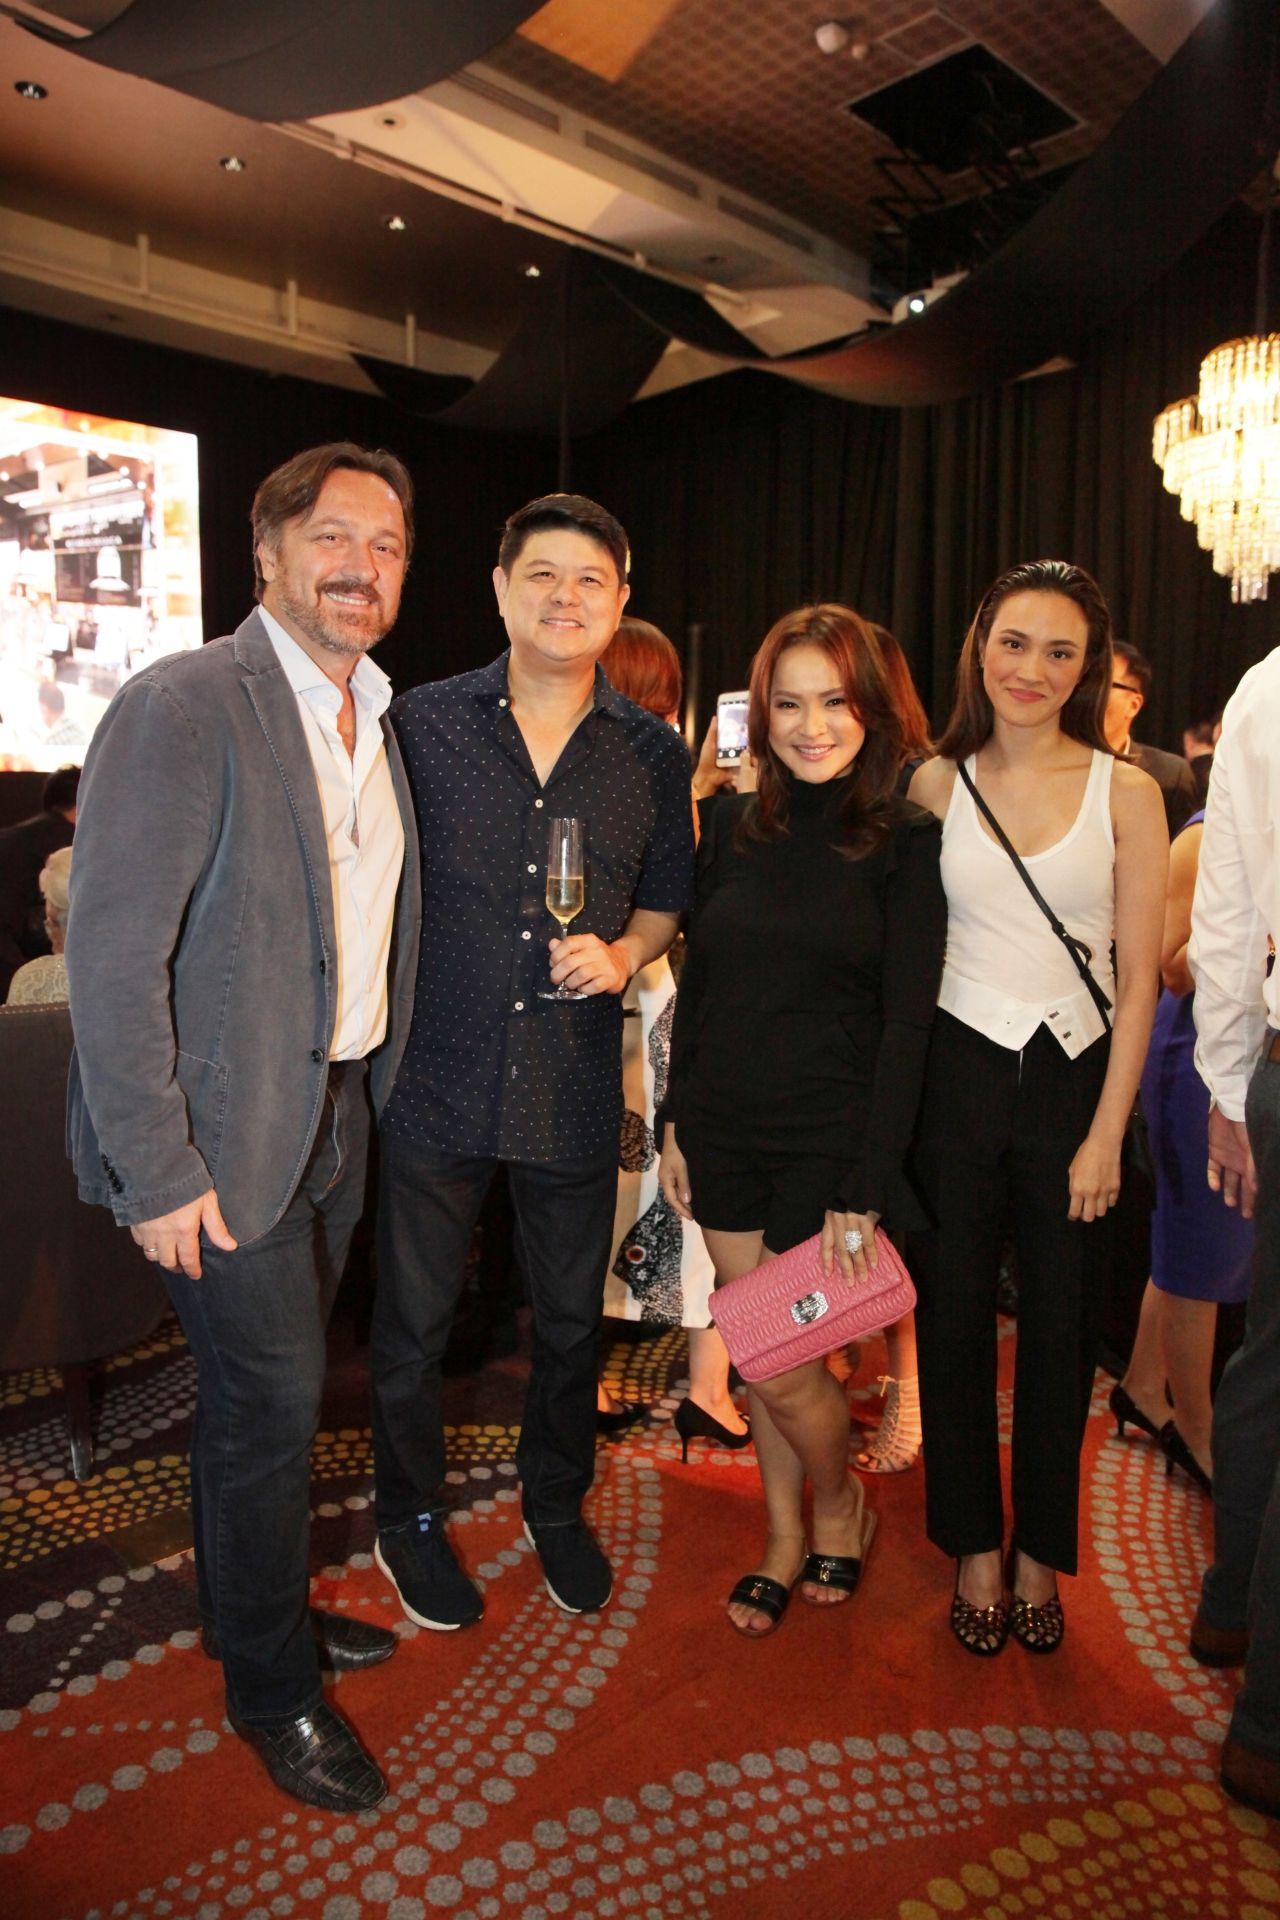 Gabriele Boschi, Paolo Prieto, Michelle Garcia and Ria Prieto